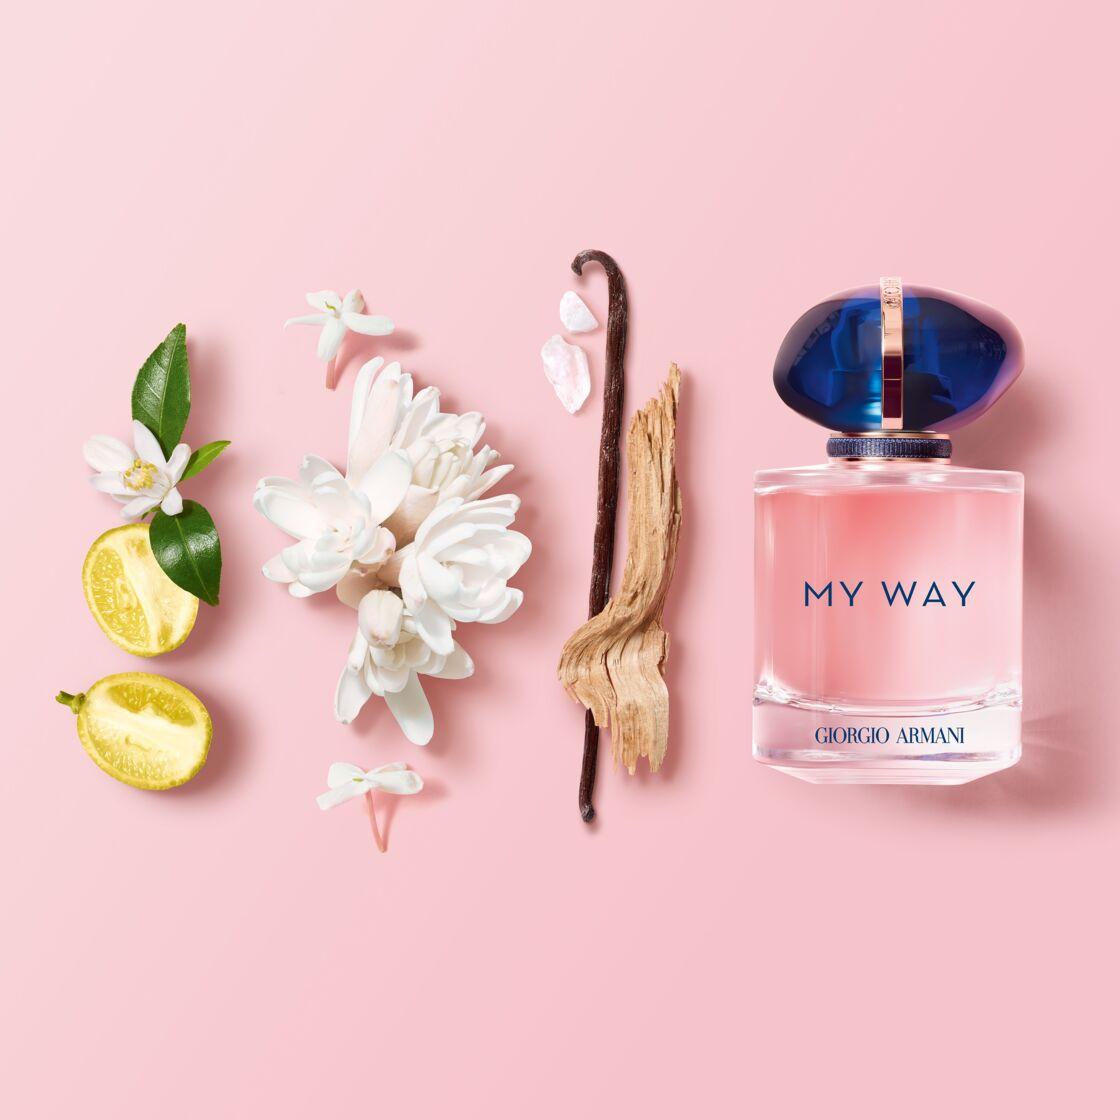 My Way est un bouquet de fleurs blanches construit autour de la tubéreuse et du jasmin ( 30 ml, 62 €).